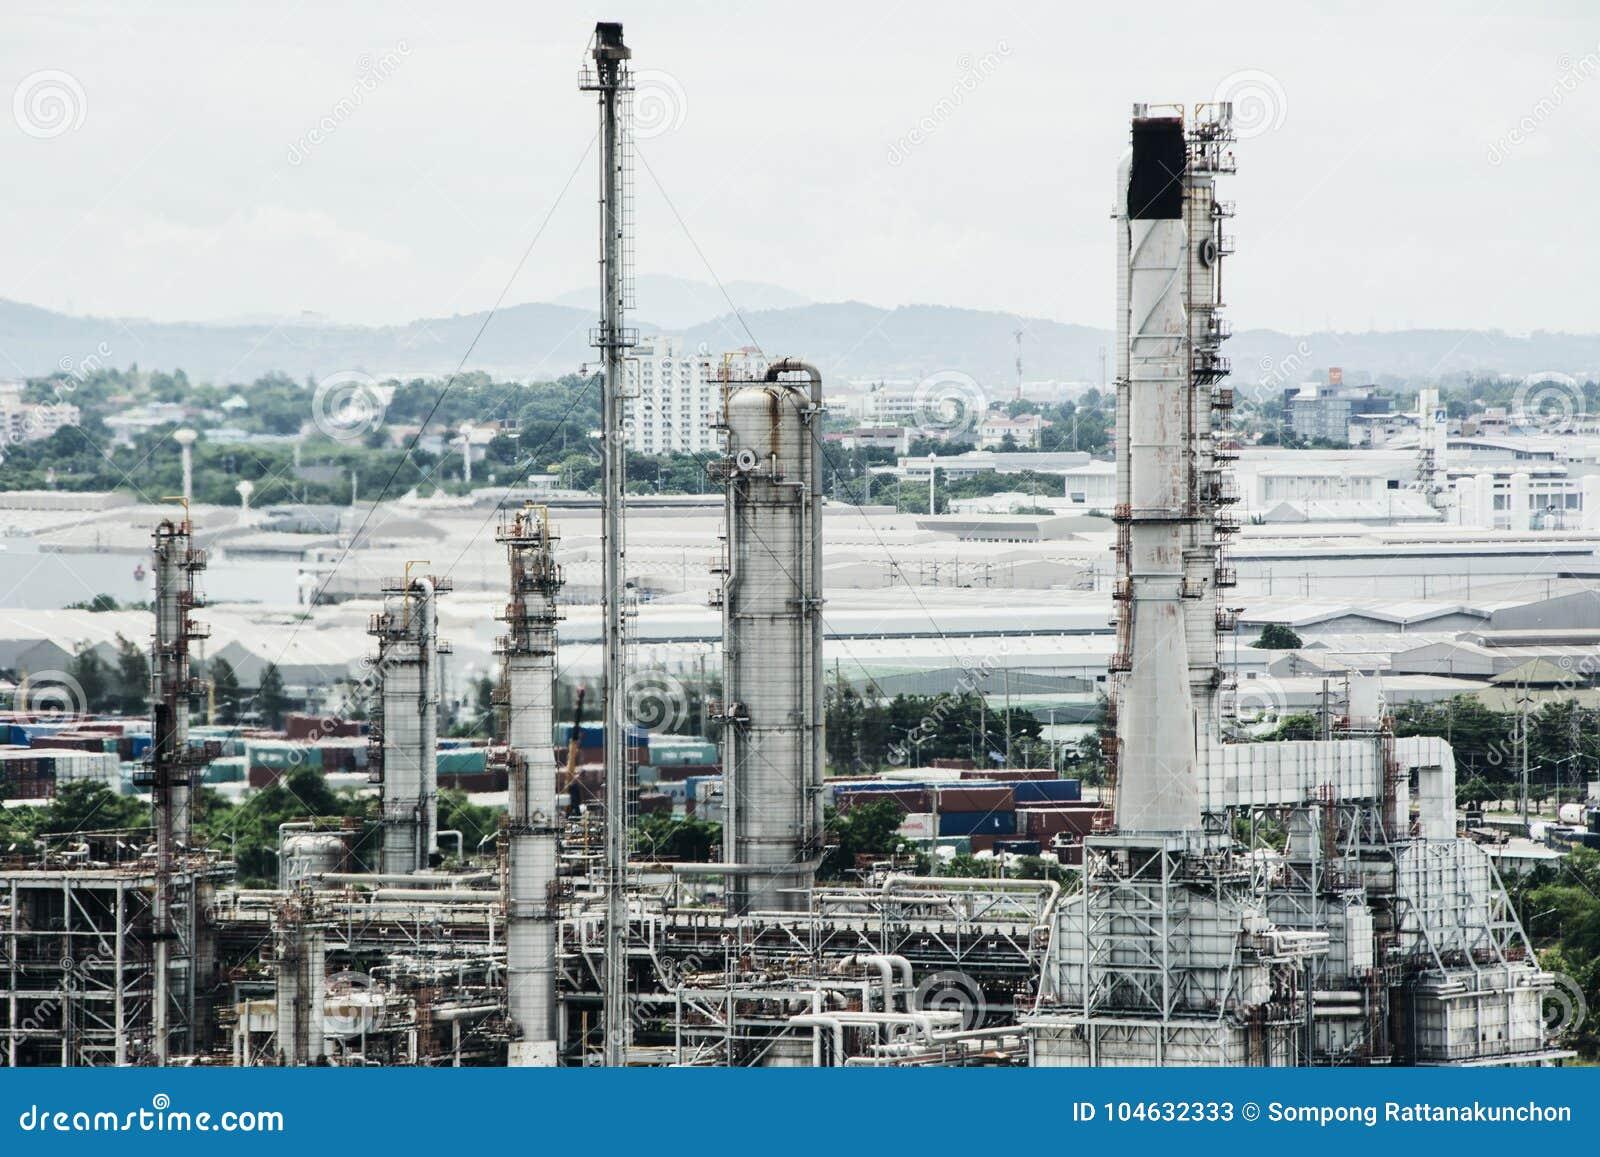 Download De Lijn Van De Pijp Van Het Landschap Van Boiler In Stroomelektrische Centrale Stock Afbeelding - Afbeelding bestaande uit landschap, schoorsteen: 104632333